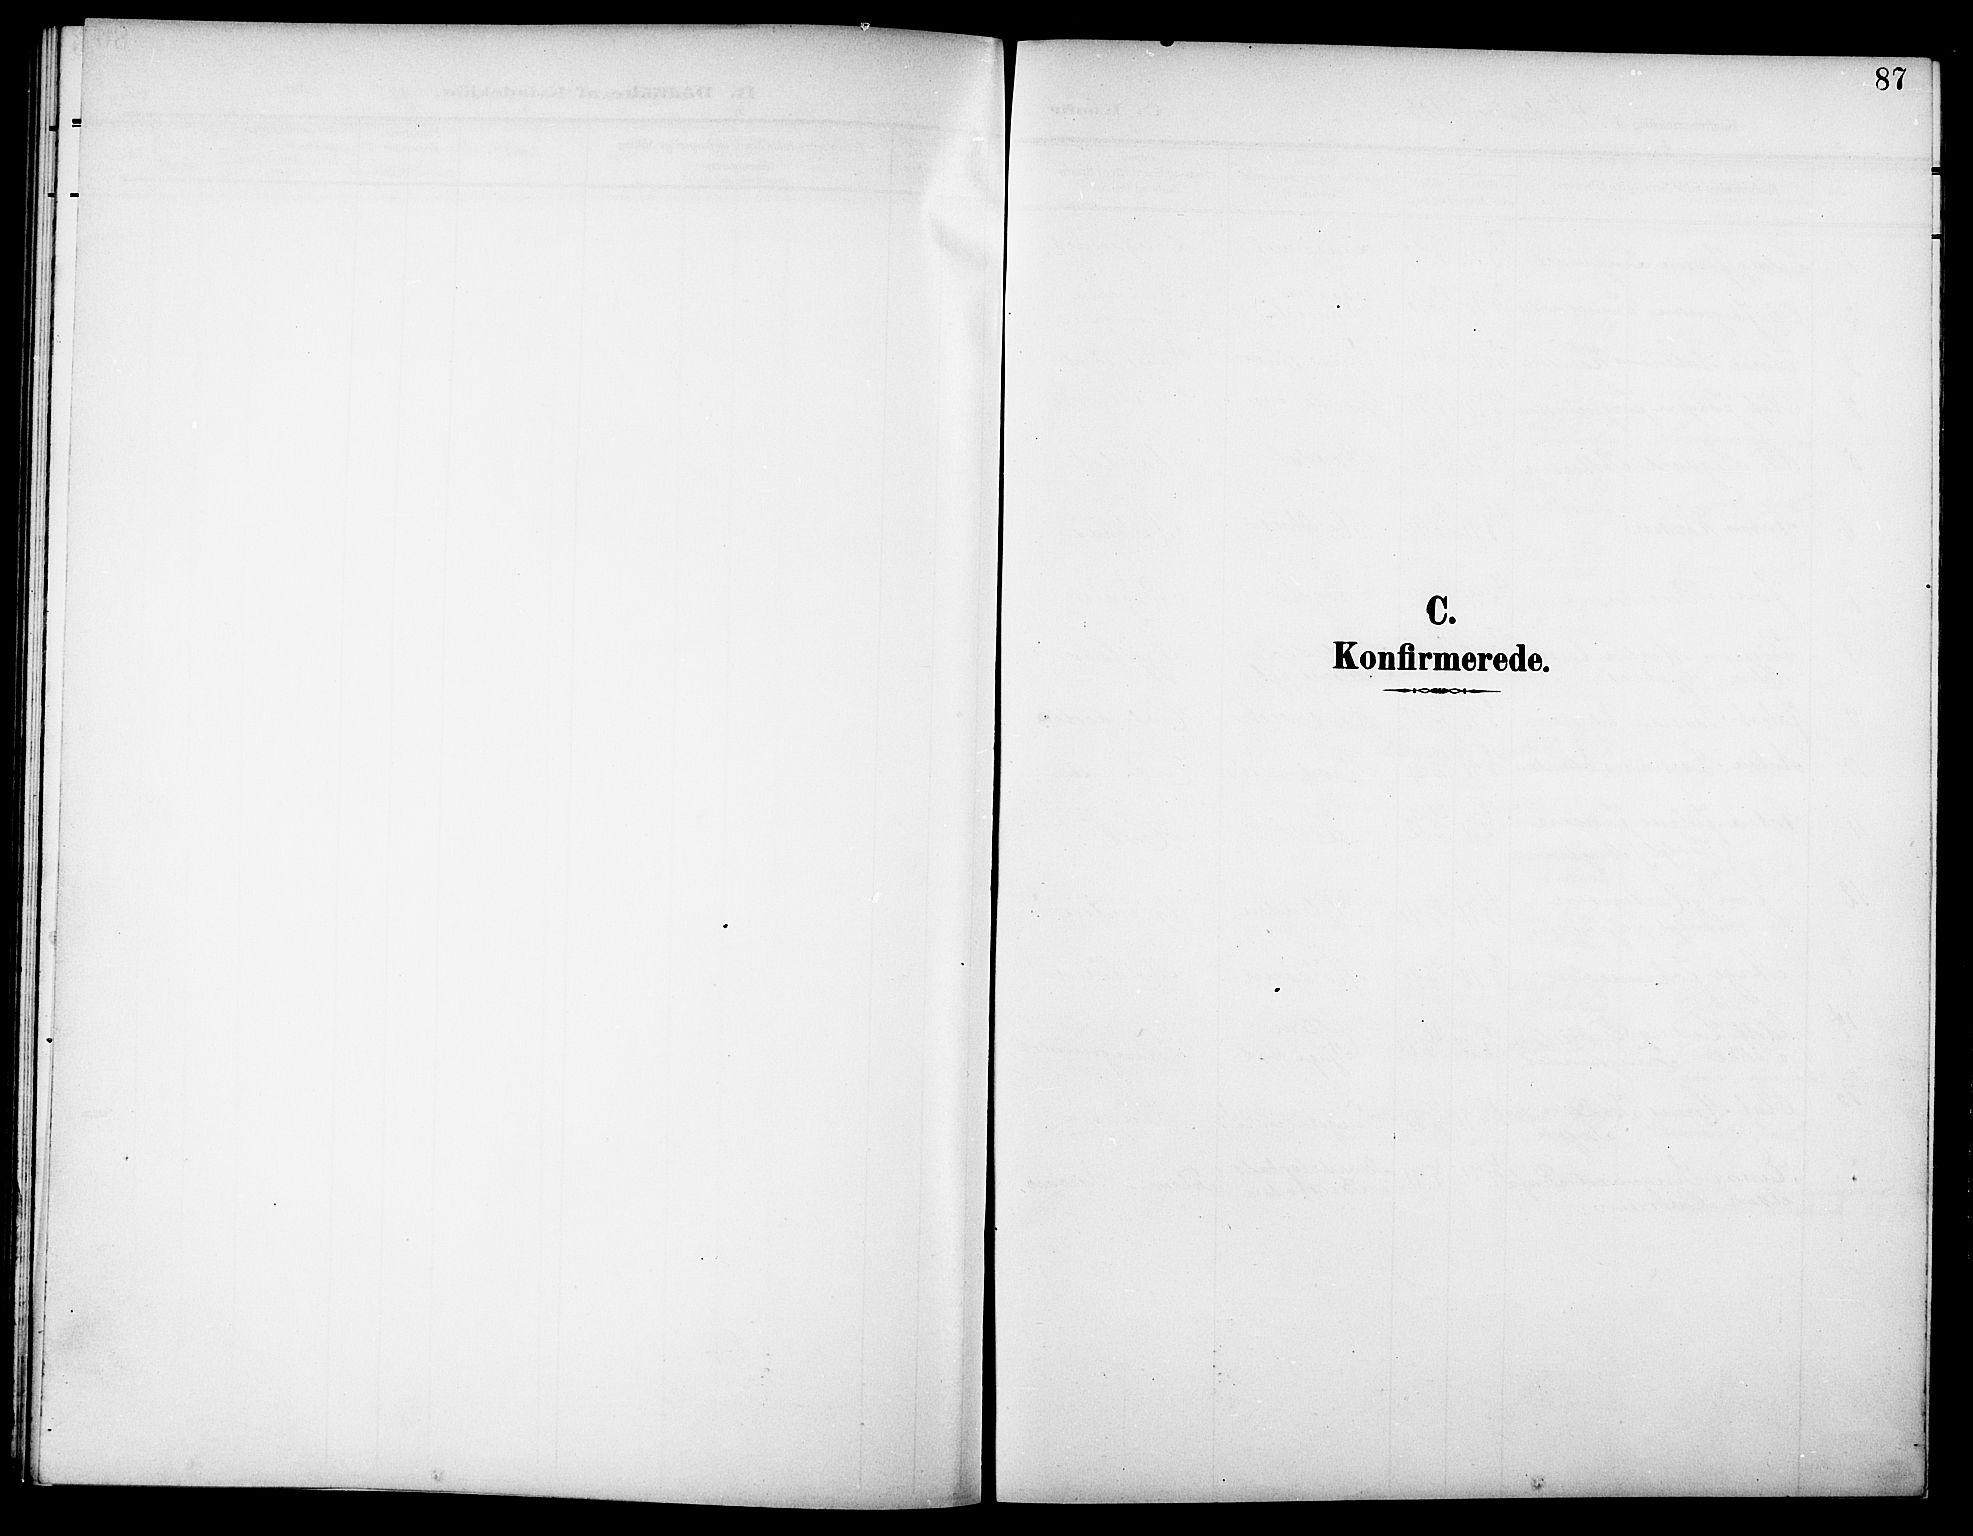 SAT, Ministerialprotokoller, klokkerbøker og fødselsregistre - Nord-Trøndelag, 744/L0424: Klokkerbok nr. 744C03, 1906-1923, s. 87